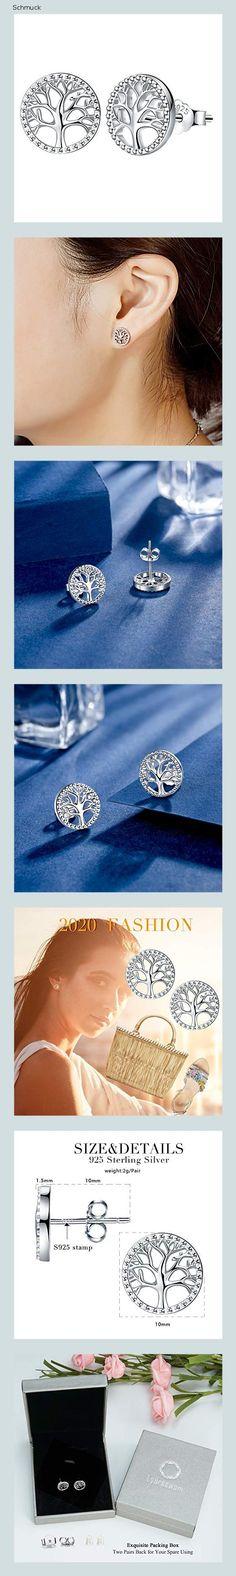 Lydreewam Lebensbaum Ohrringe für Damen 925 Sterling Silber mit Geschenkbox, Durchmesser 10mm - 14h6